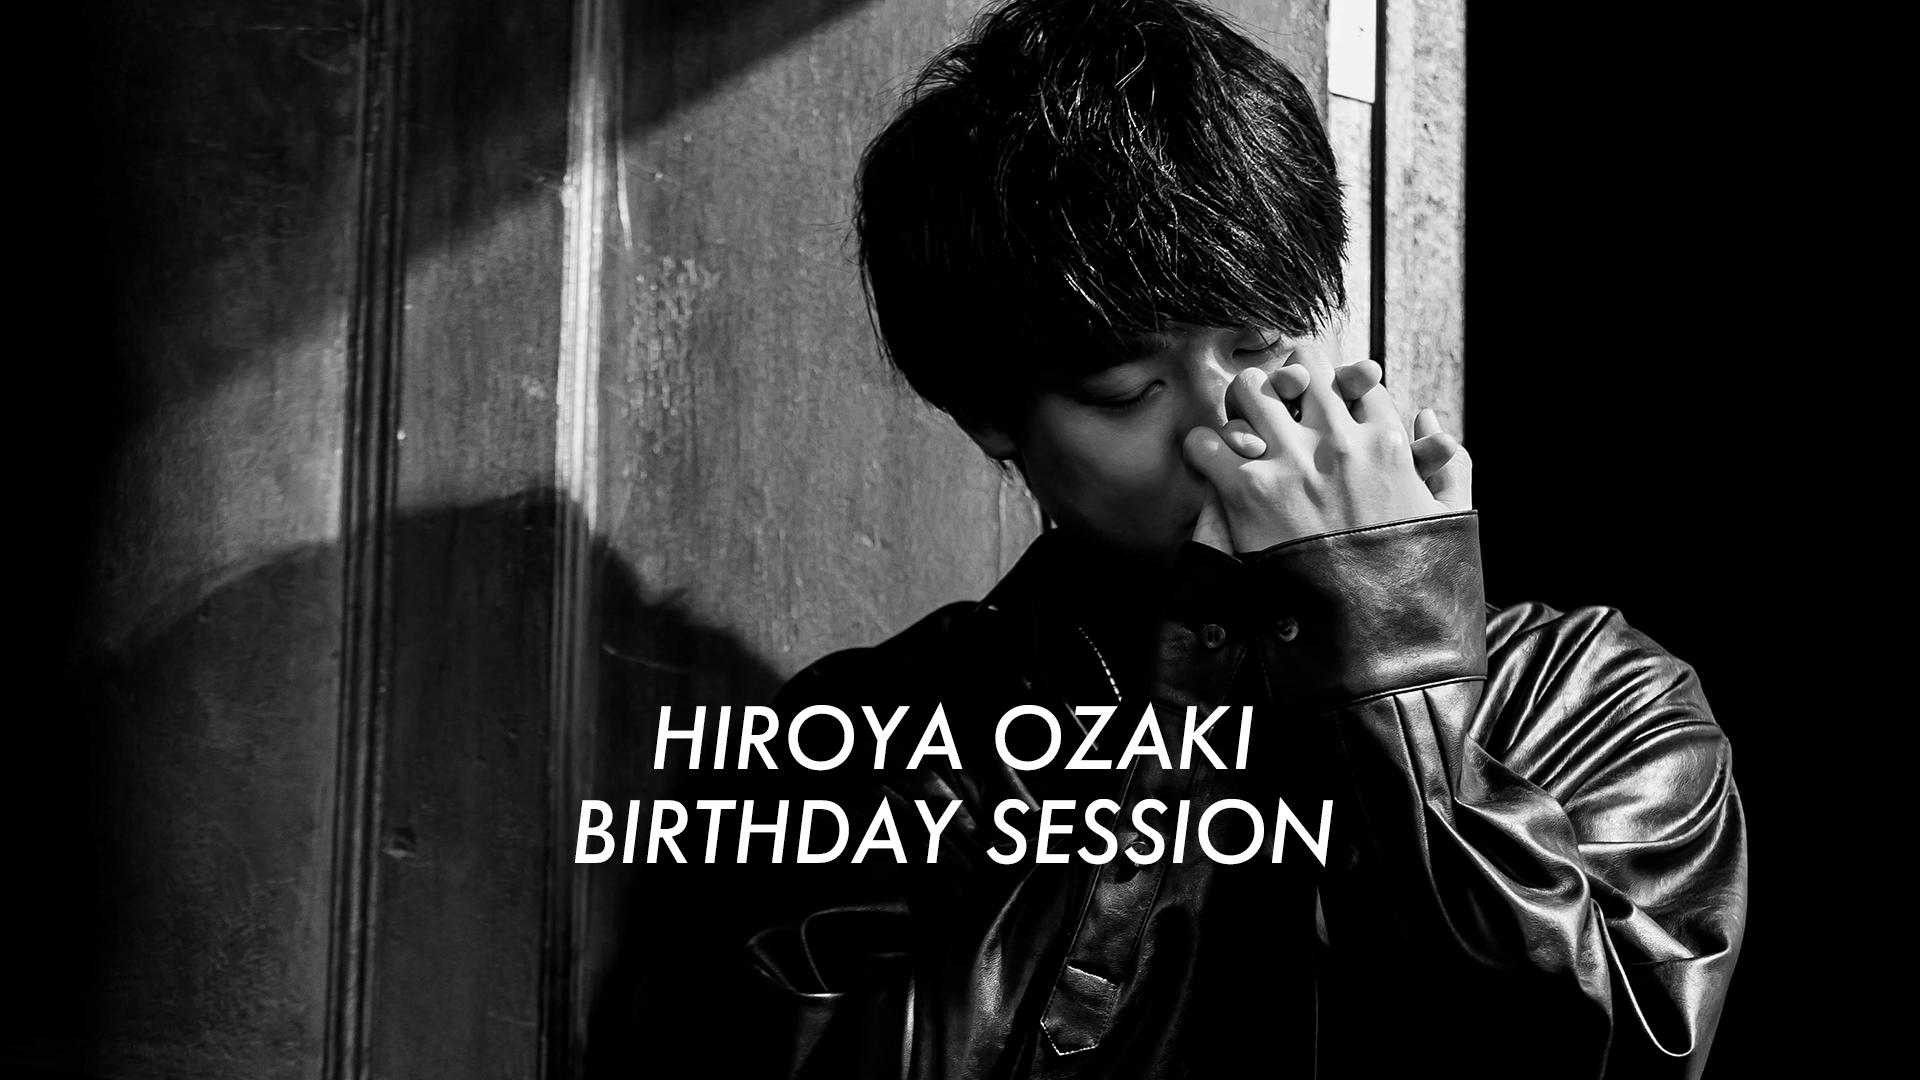 HIROYA OZAKI BIRTHDAY SESSION